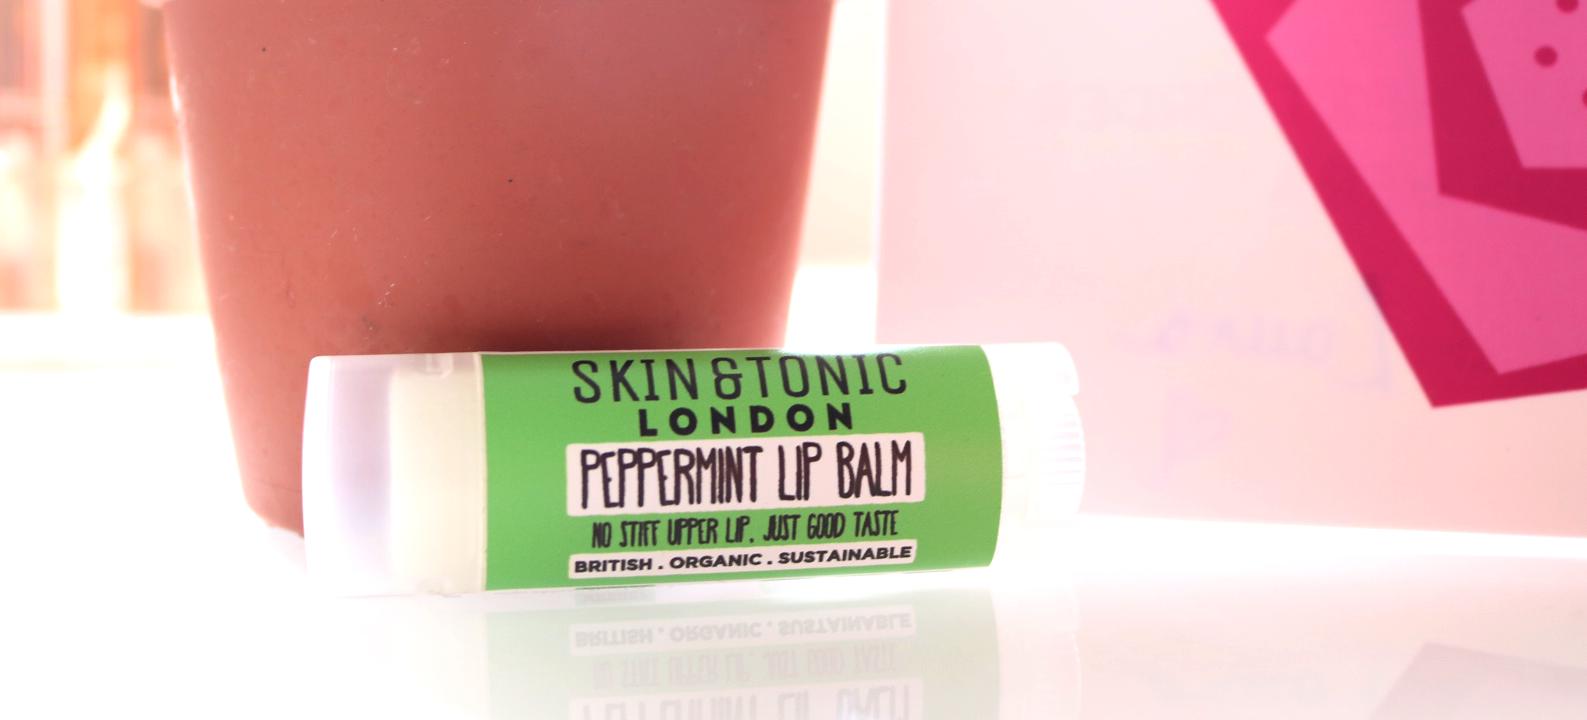 Skin & Tonic Lip Balm in Peppermint